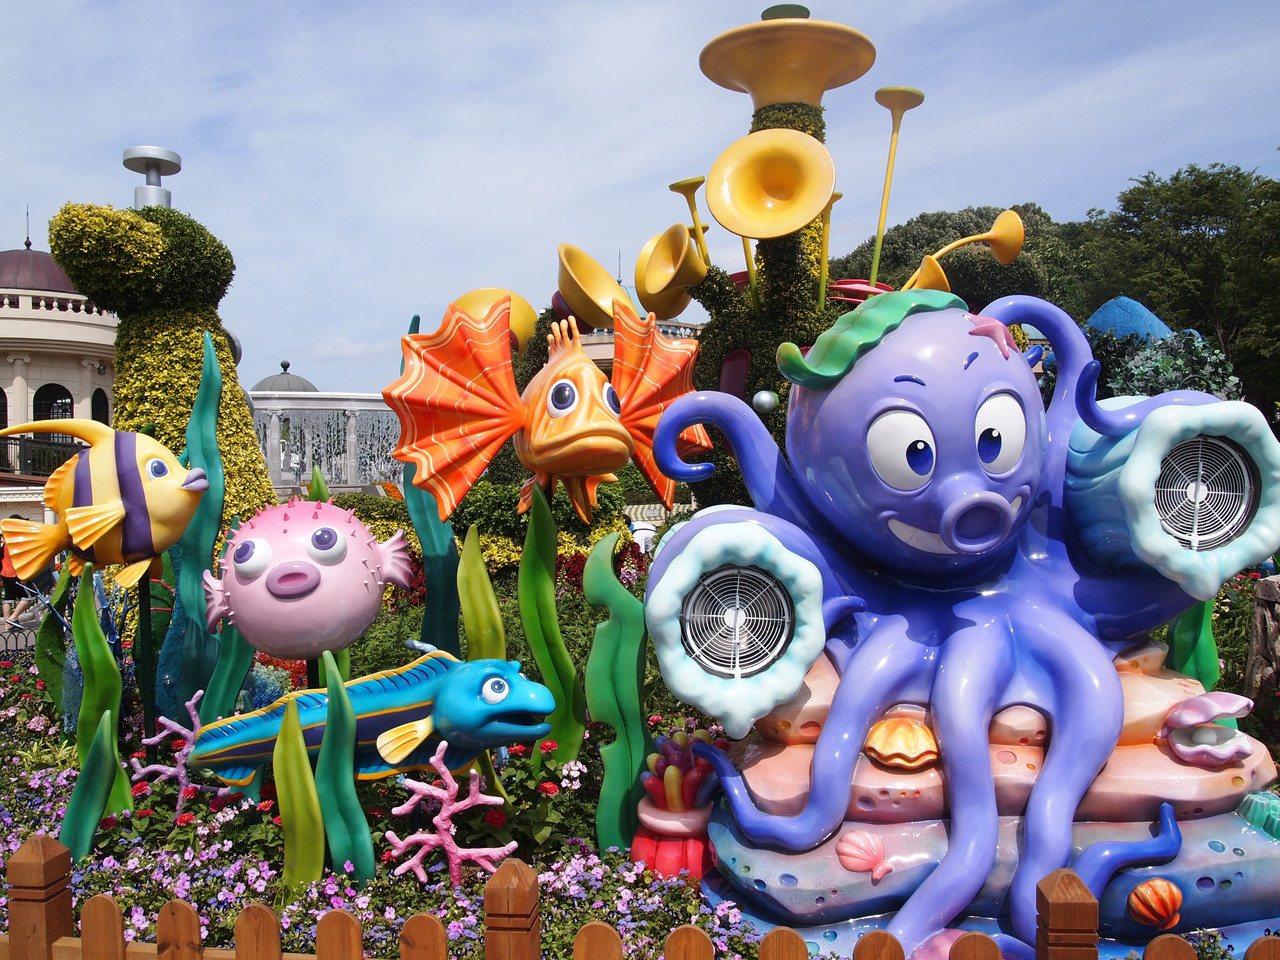 愛寶樂園是韓國最受歡迎的主題樂園。© 京畿道觀光公社提供